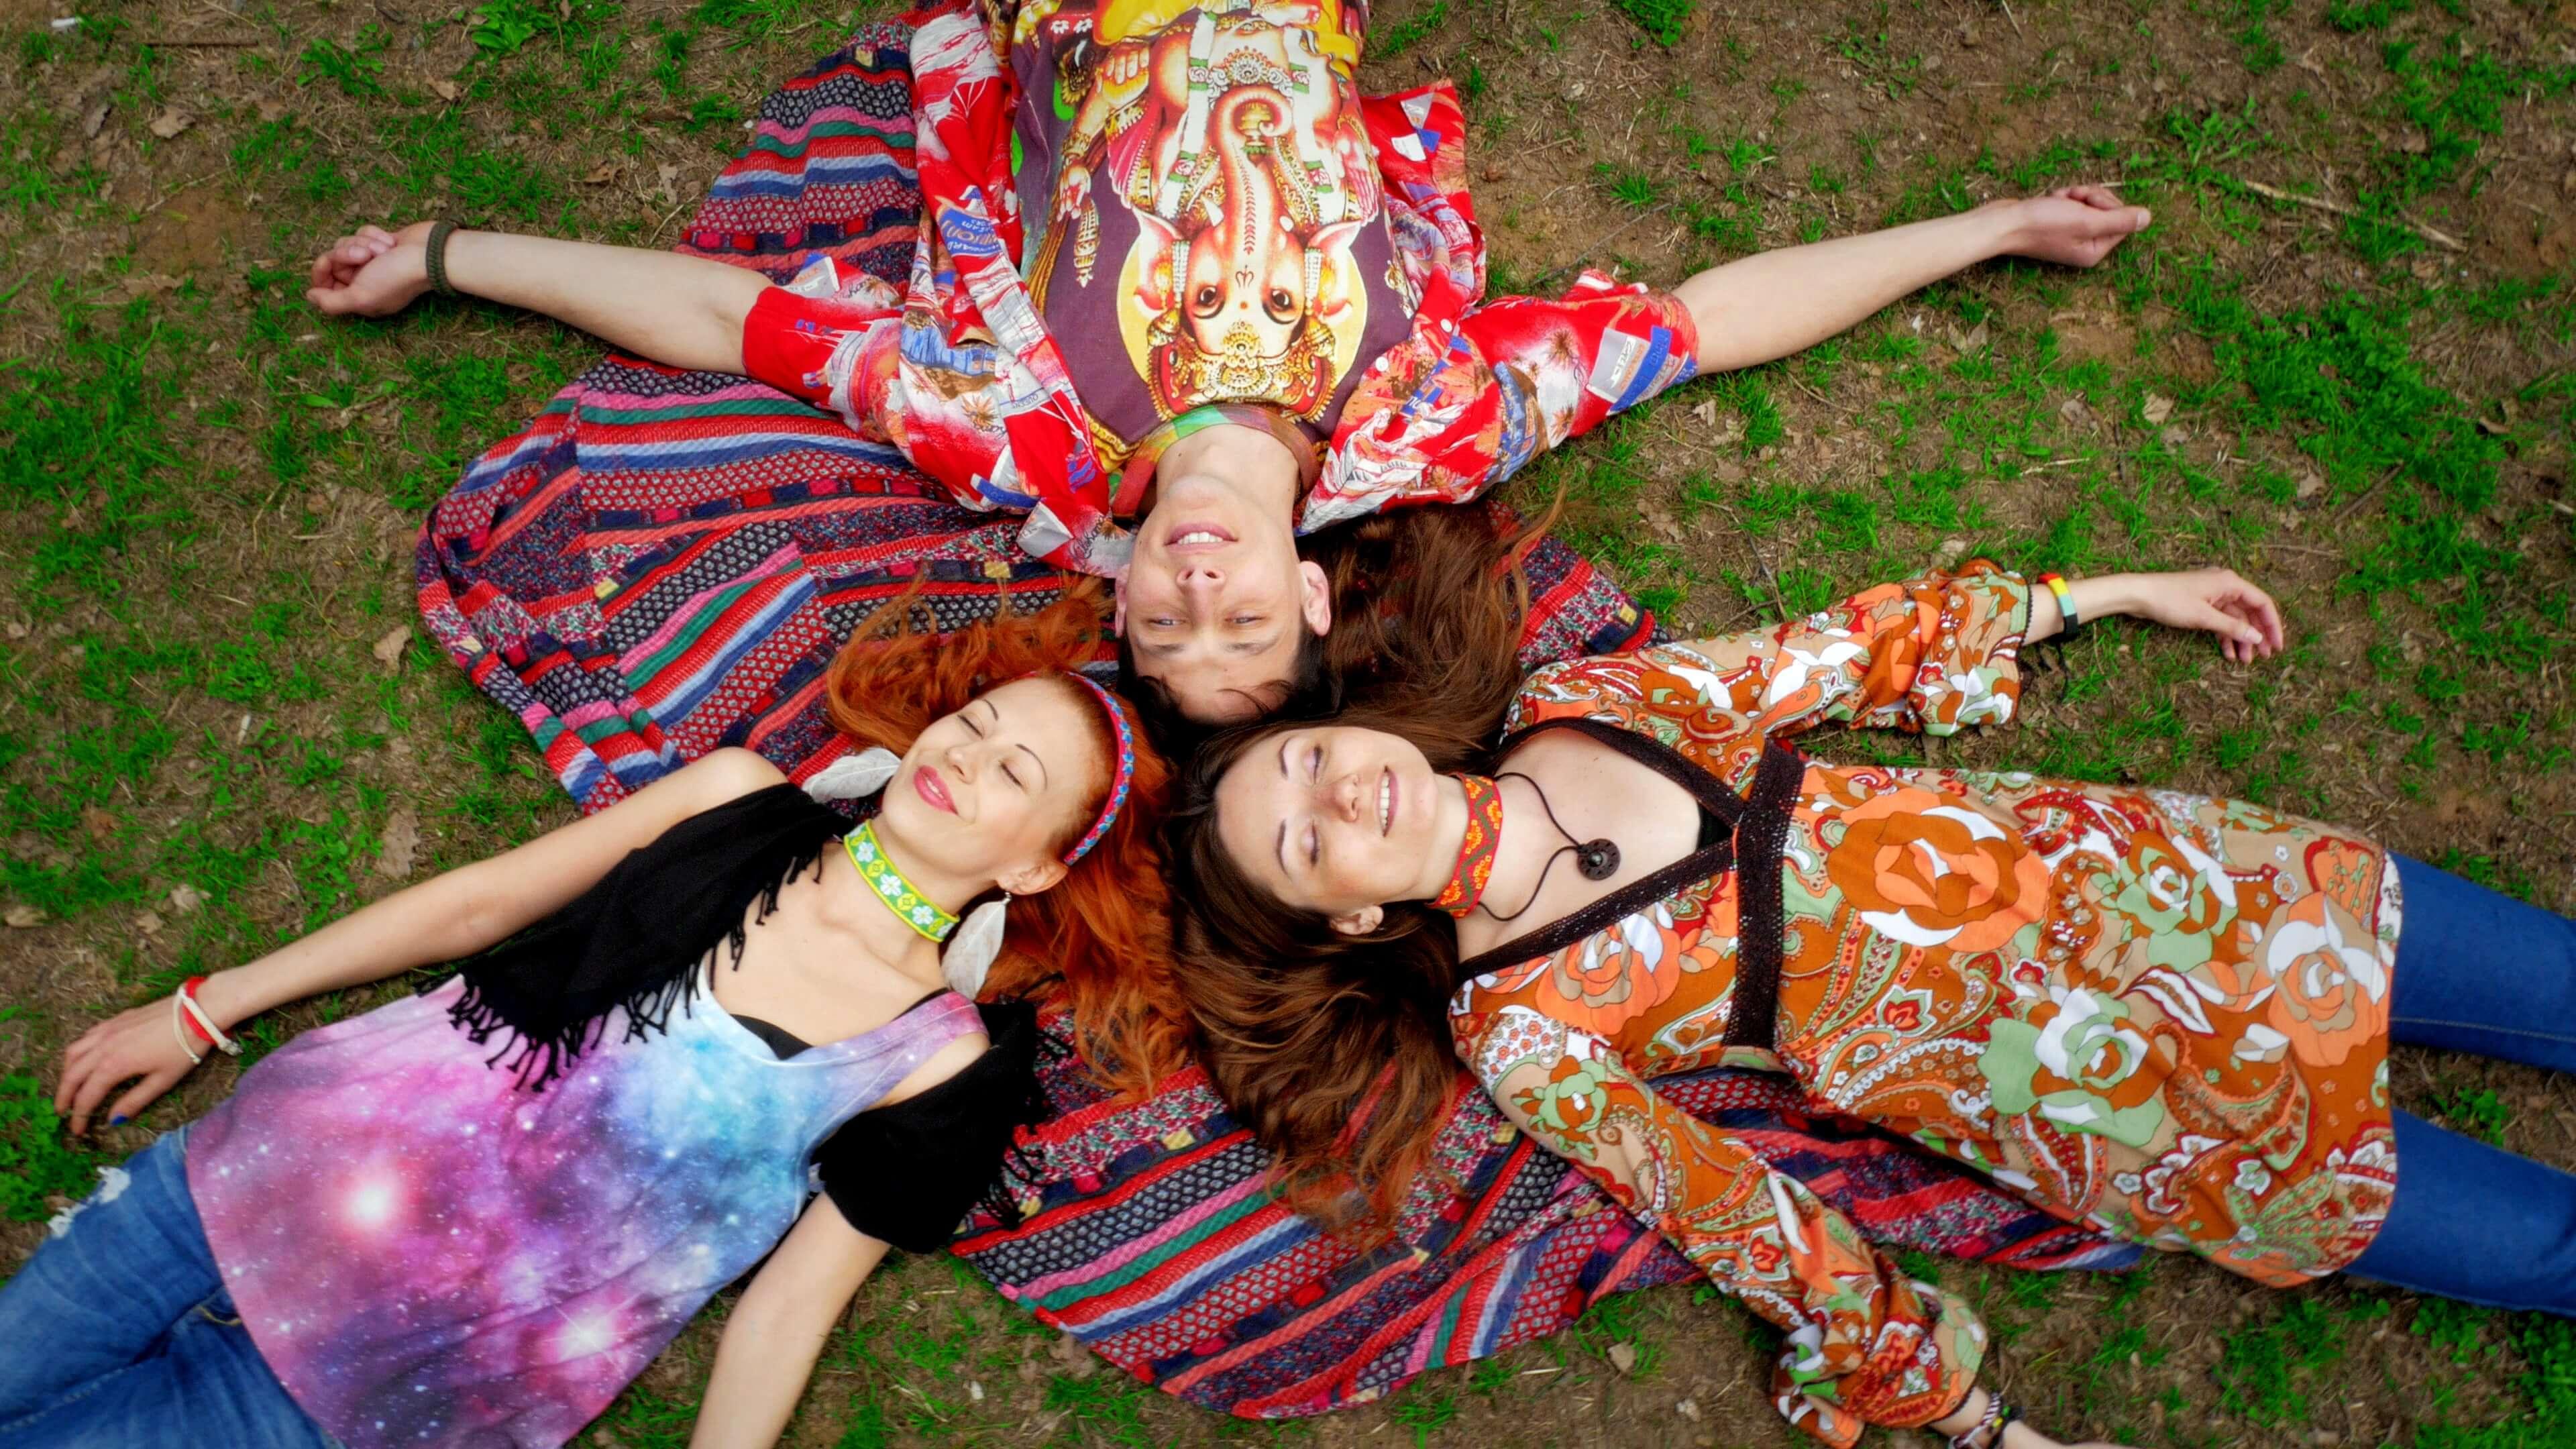 Hippie in Sasha Poberailo film